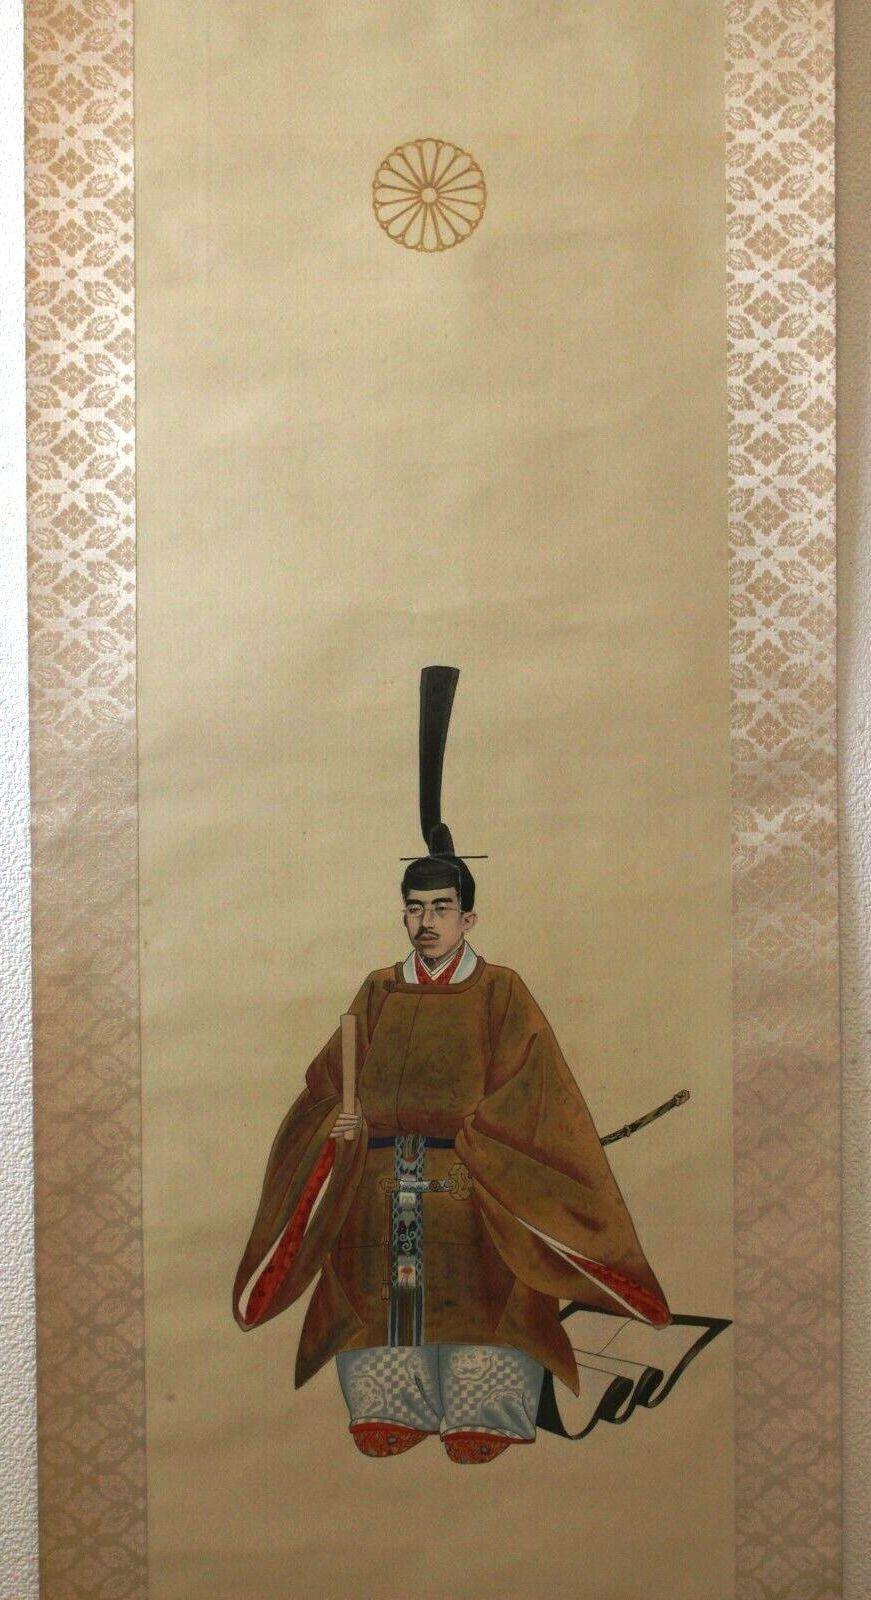 """L'art populaire """"Ôtsu-e"""" dans la représentation de l'emp. Taisho sur kakemono Showa_11"""